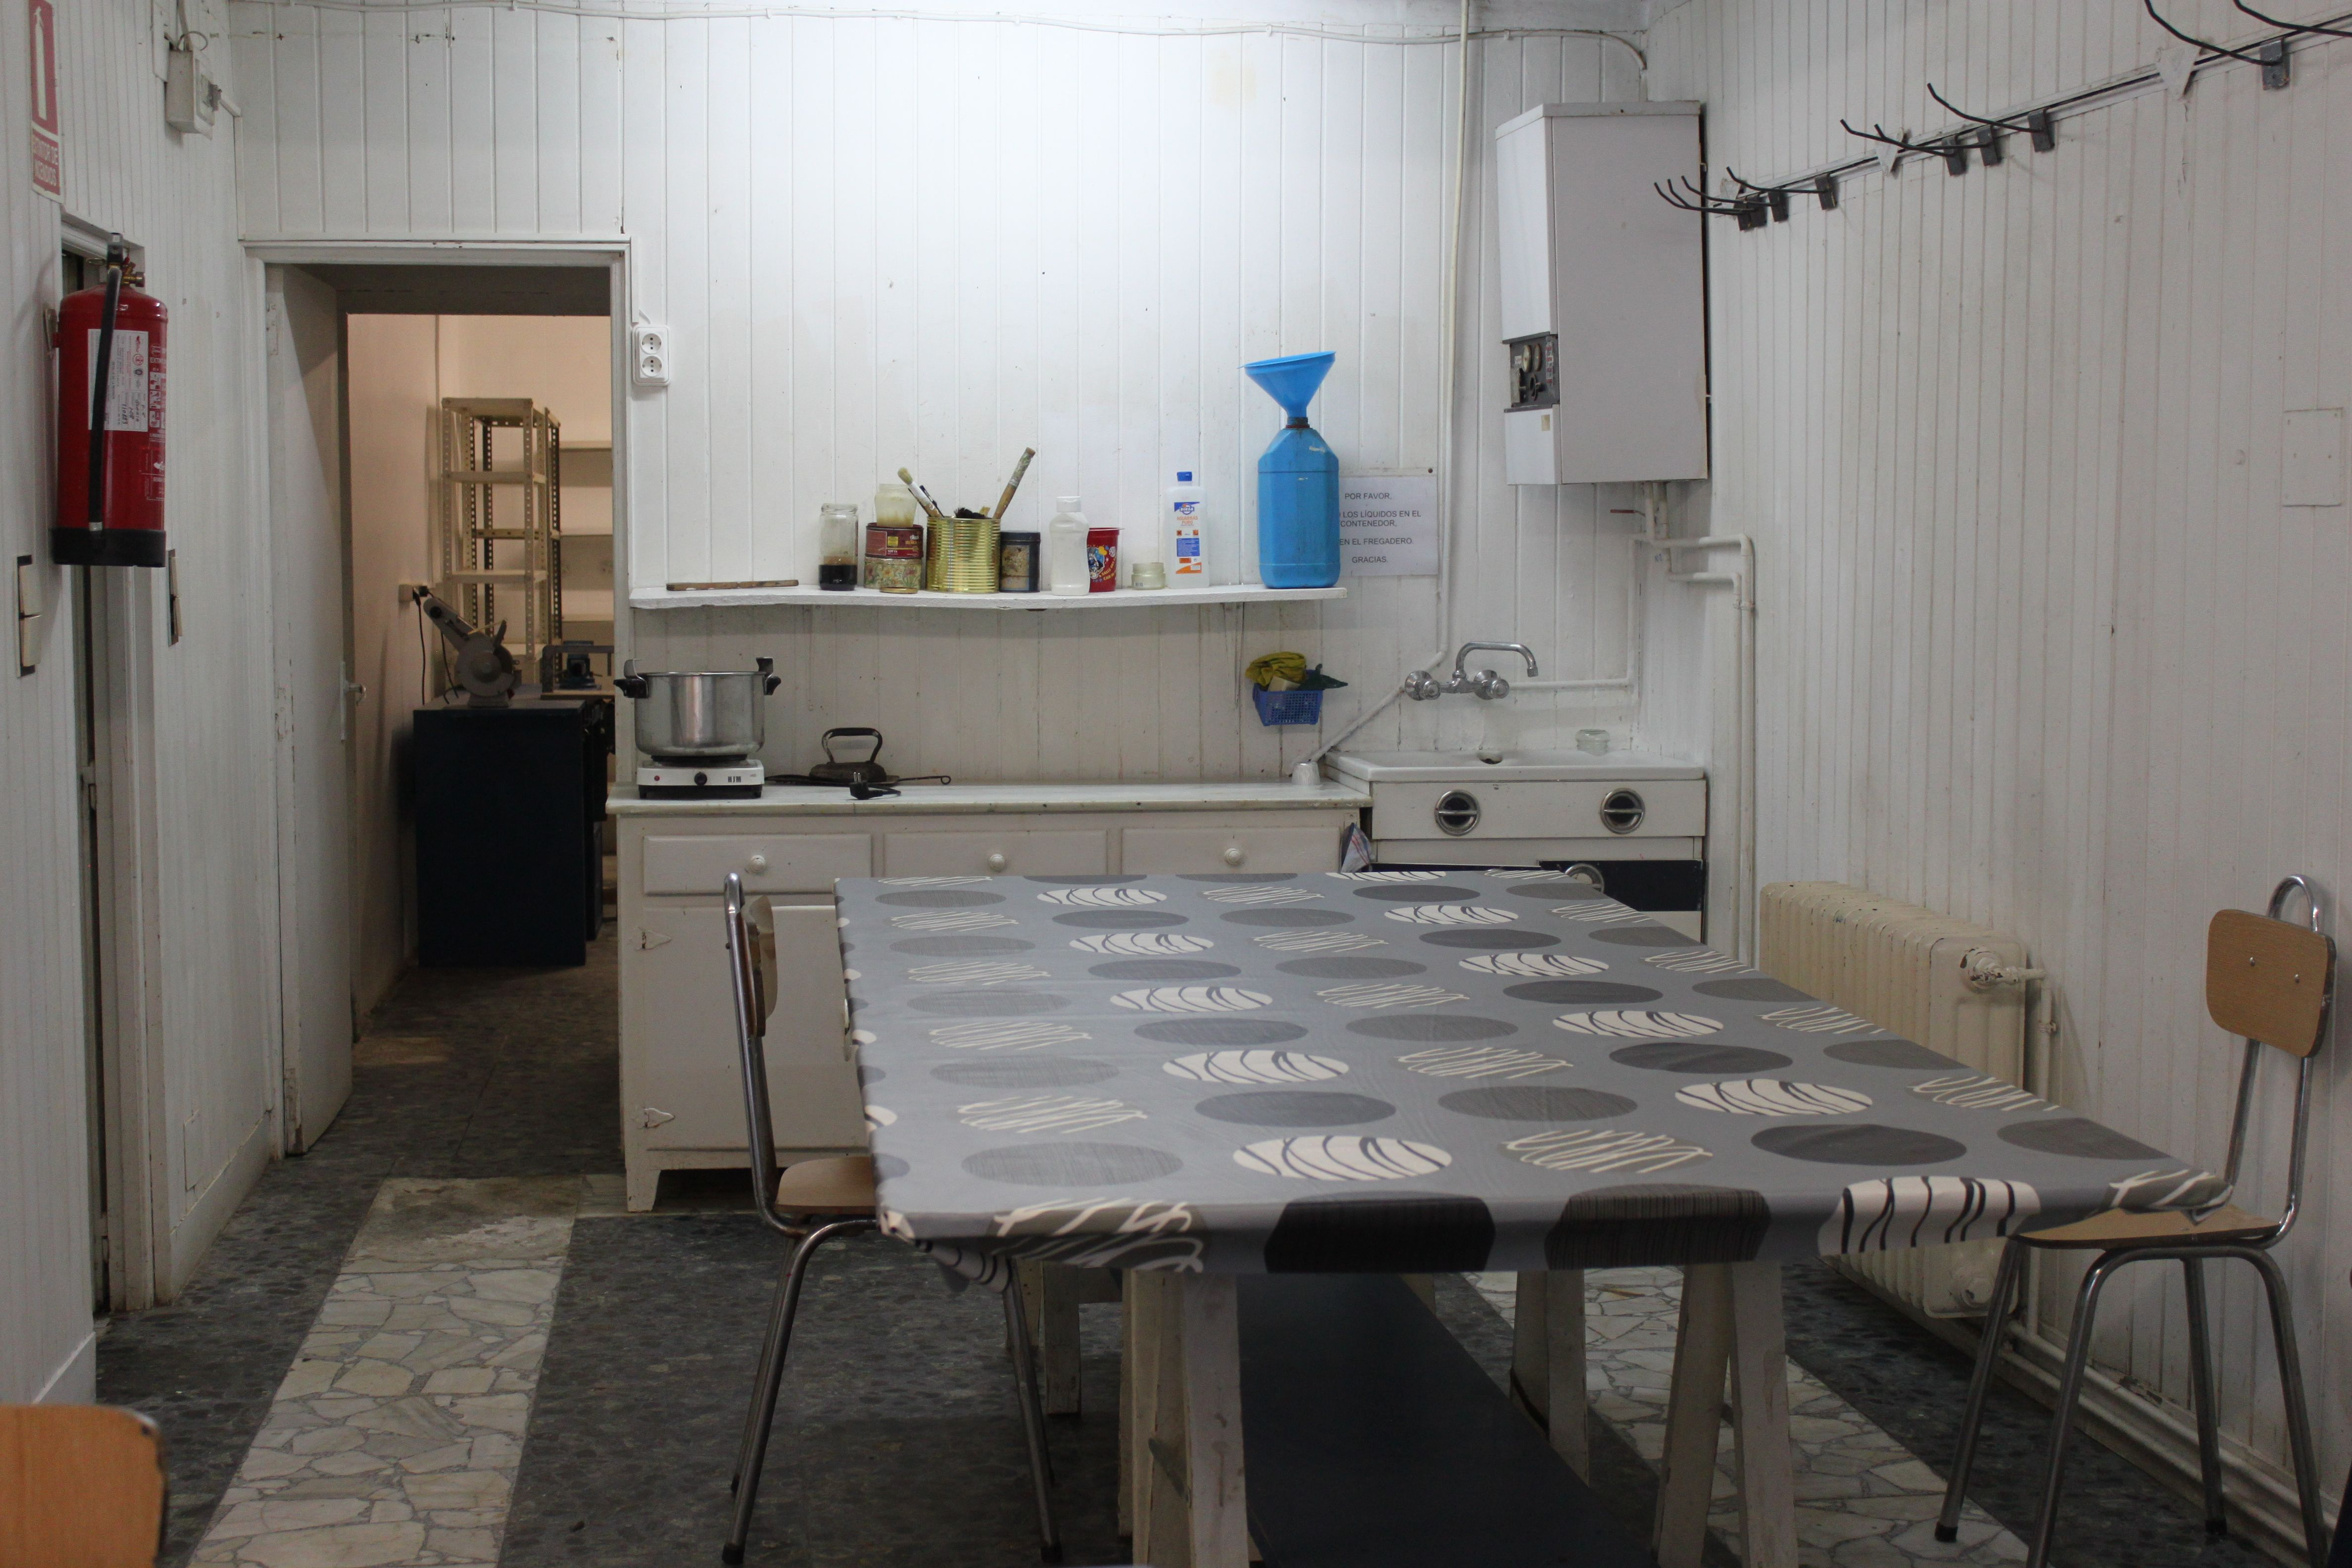 Aula De Trabajo Para Las Clases De Restauraci N Y Reciclaje De  ~ Curso De Restauraciã³n De Muebles Madrid